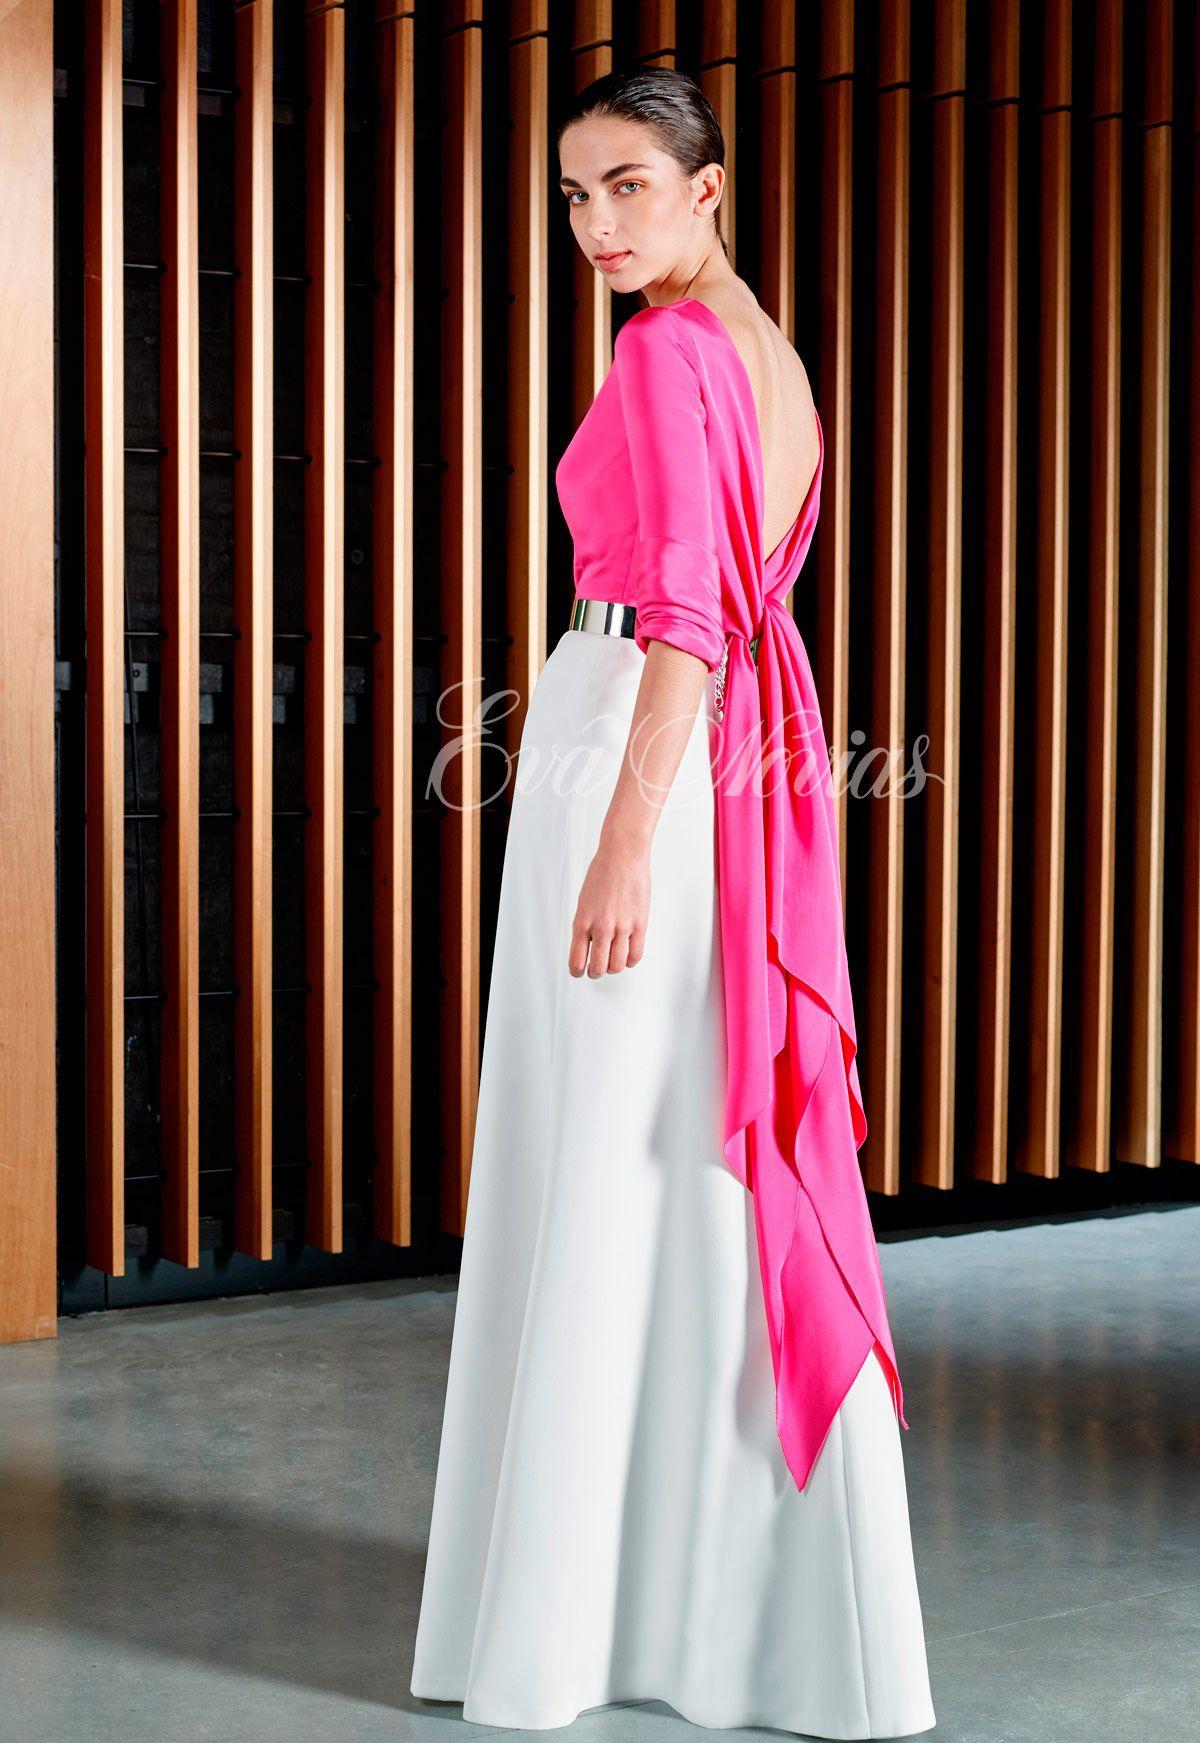 Tienda de vestidos de fiesta y madrina en Madrid de la firma Patricia Avendaño colección 2018